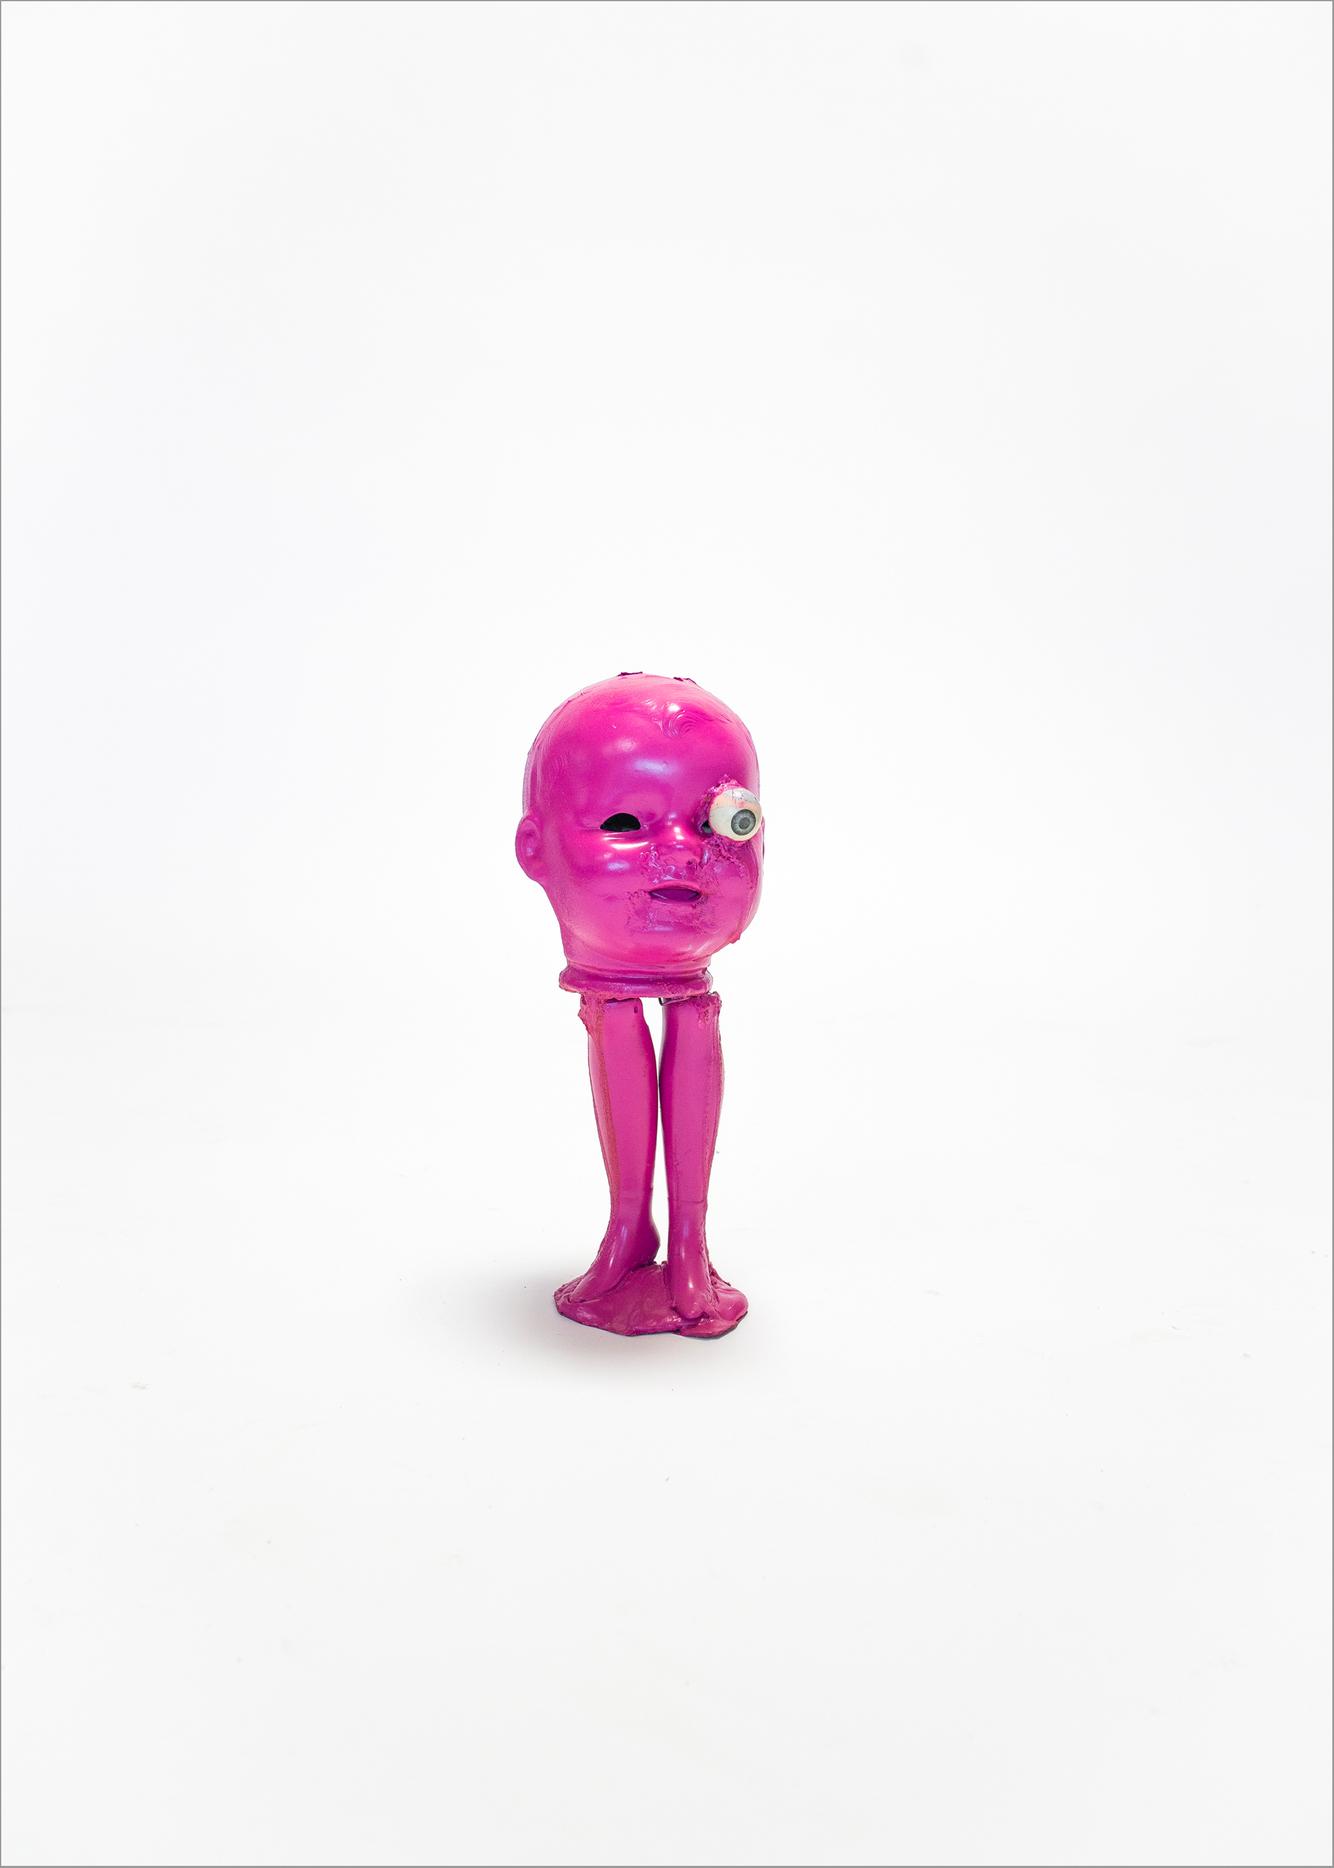 pink_STEKETEE_12.jpg